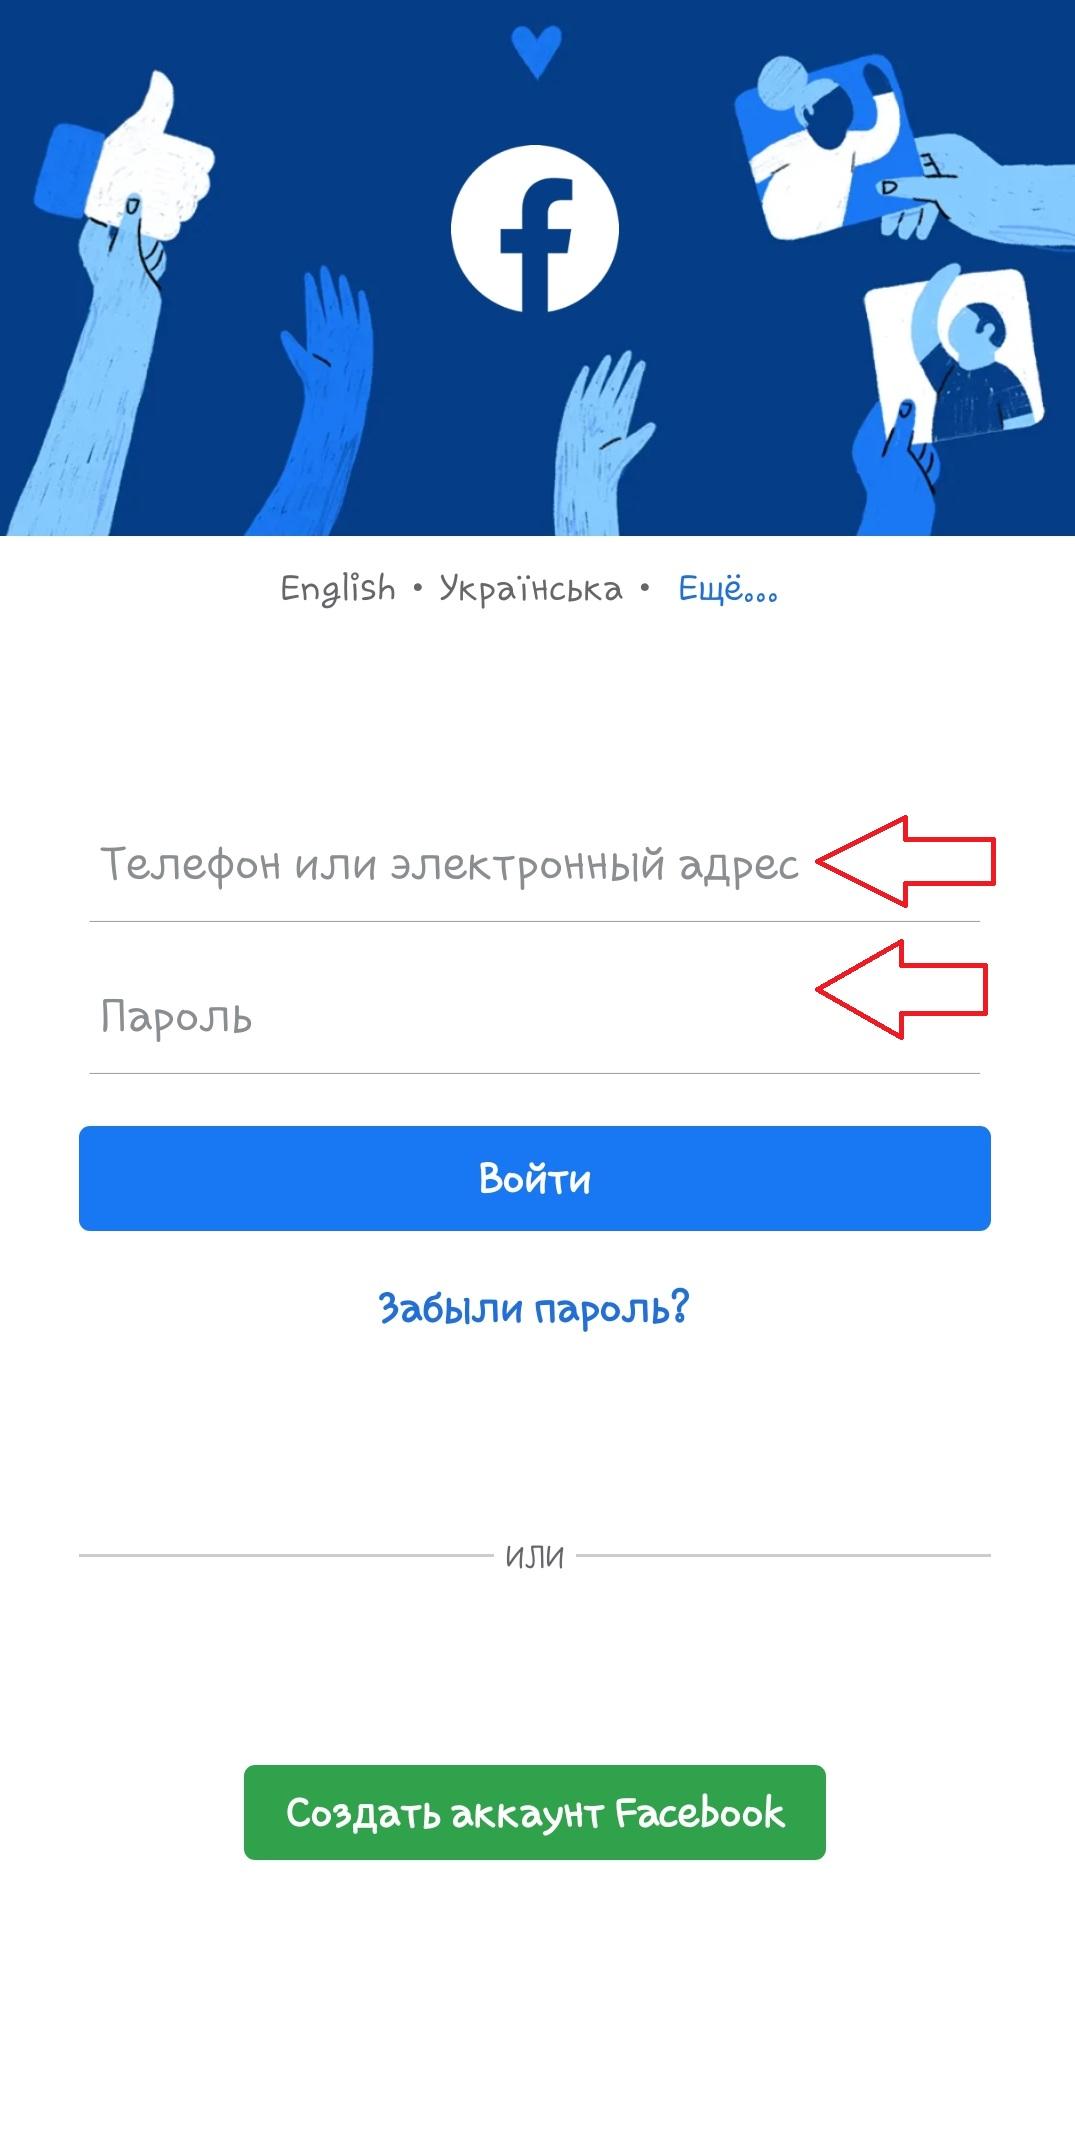 Логин и пароль фейсбук.jpg